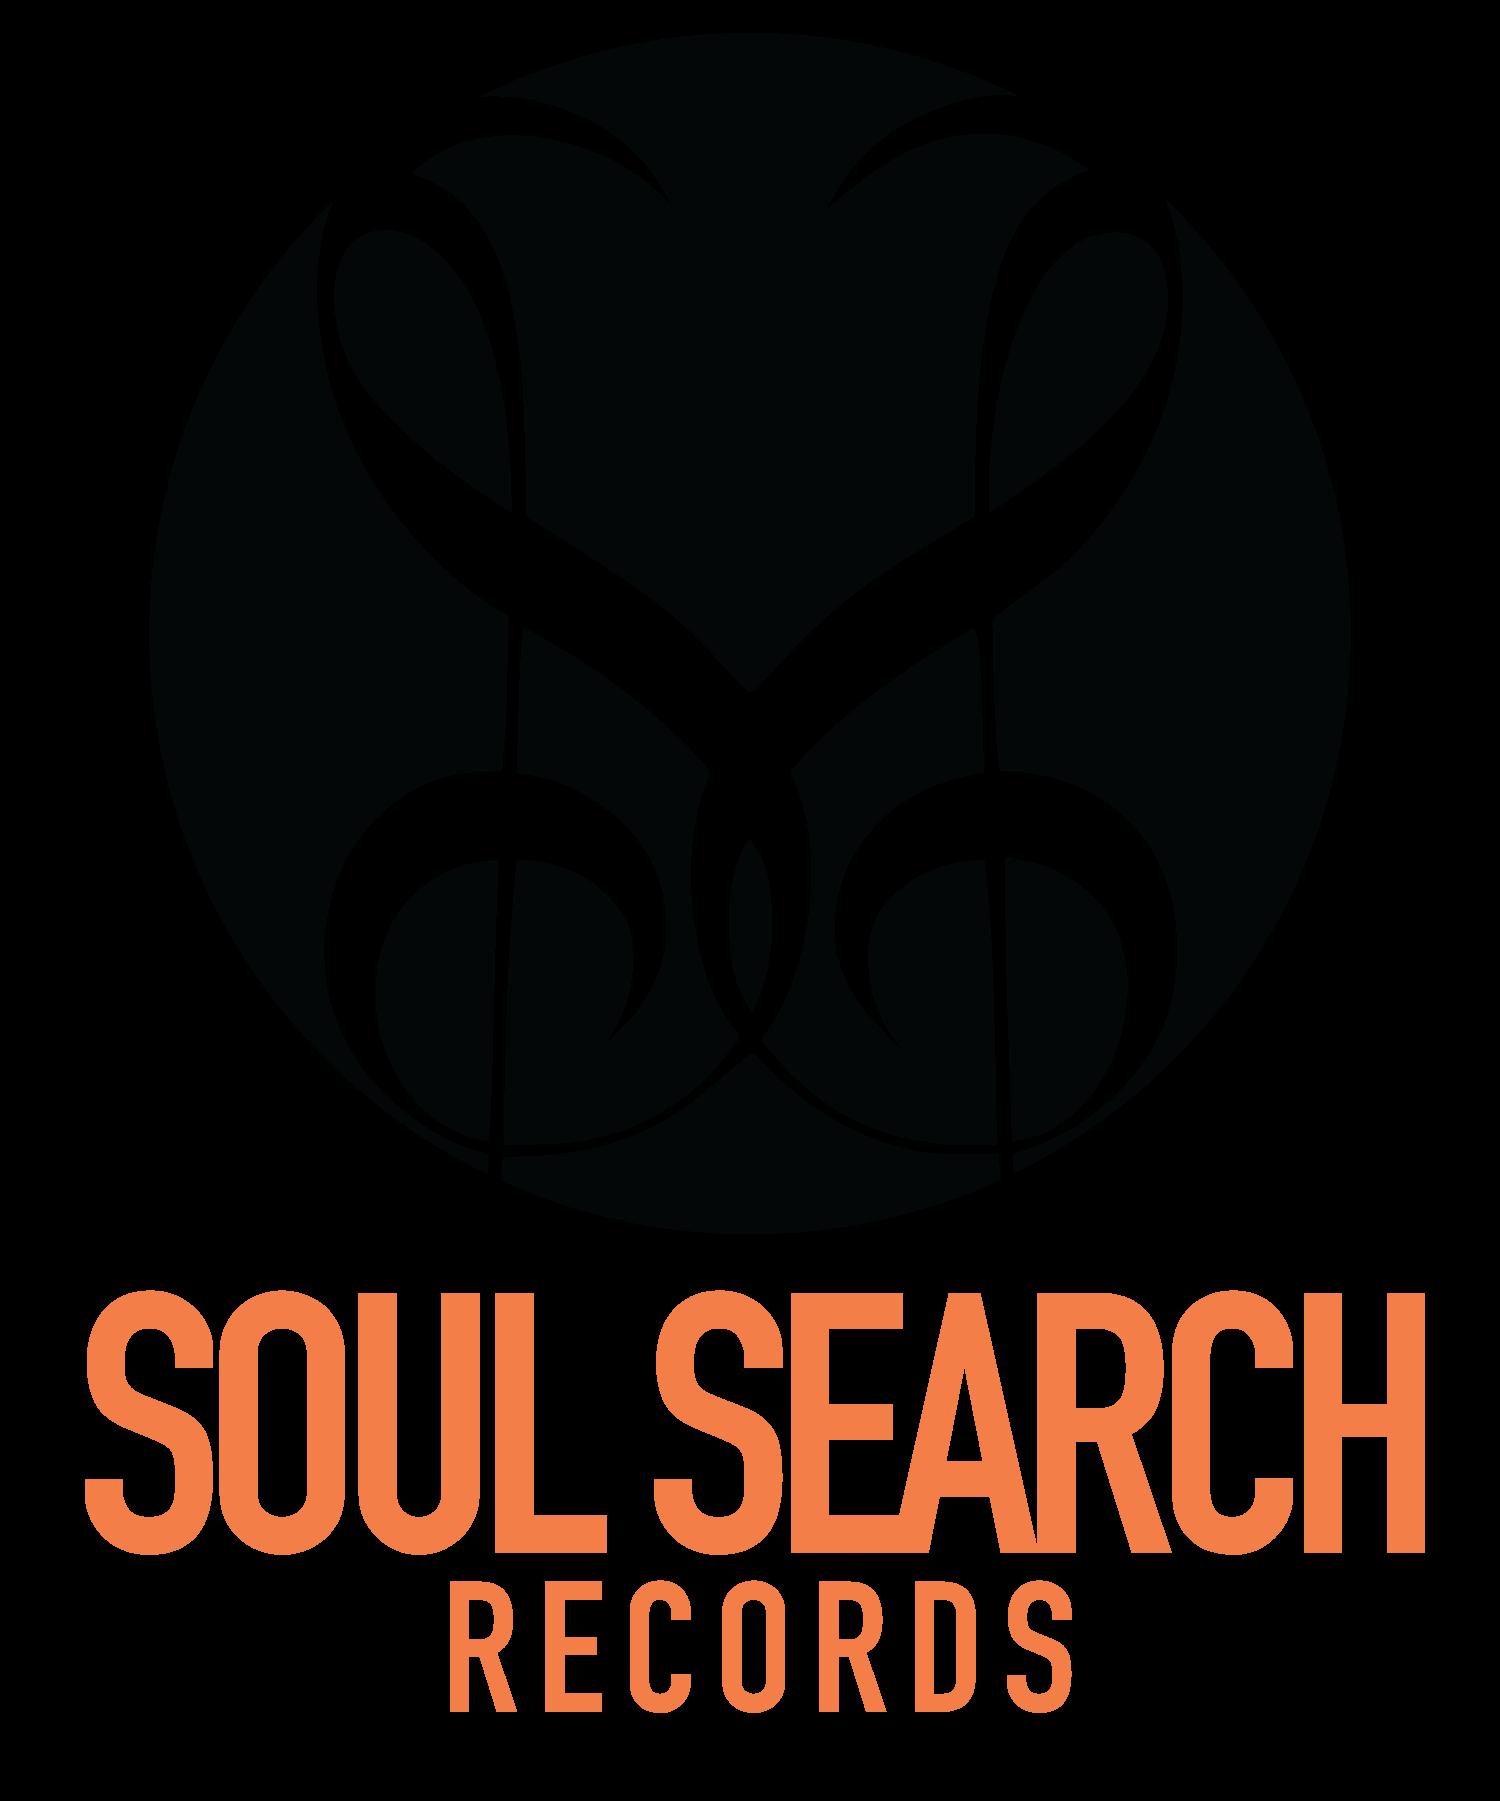 Soul Search Records, LLC